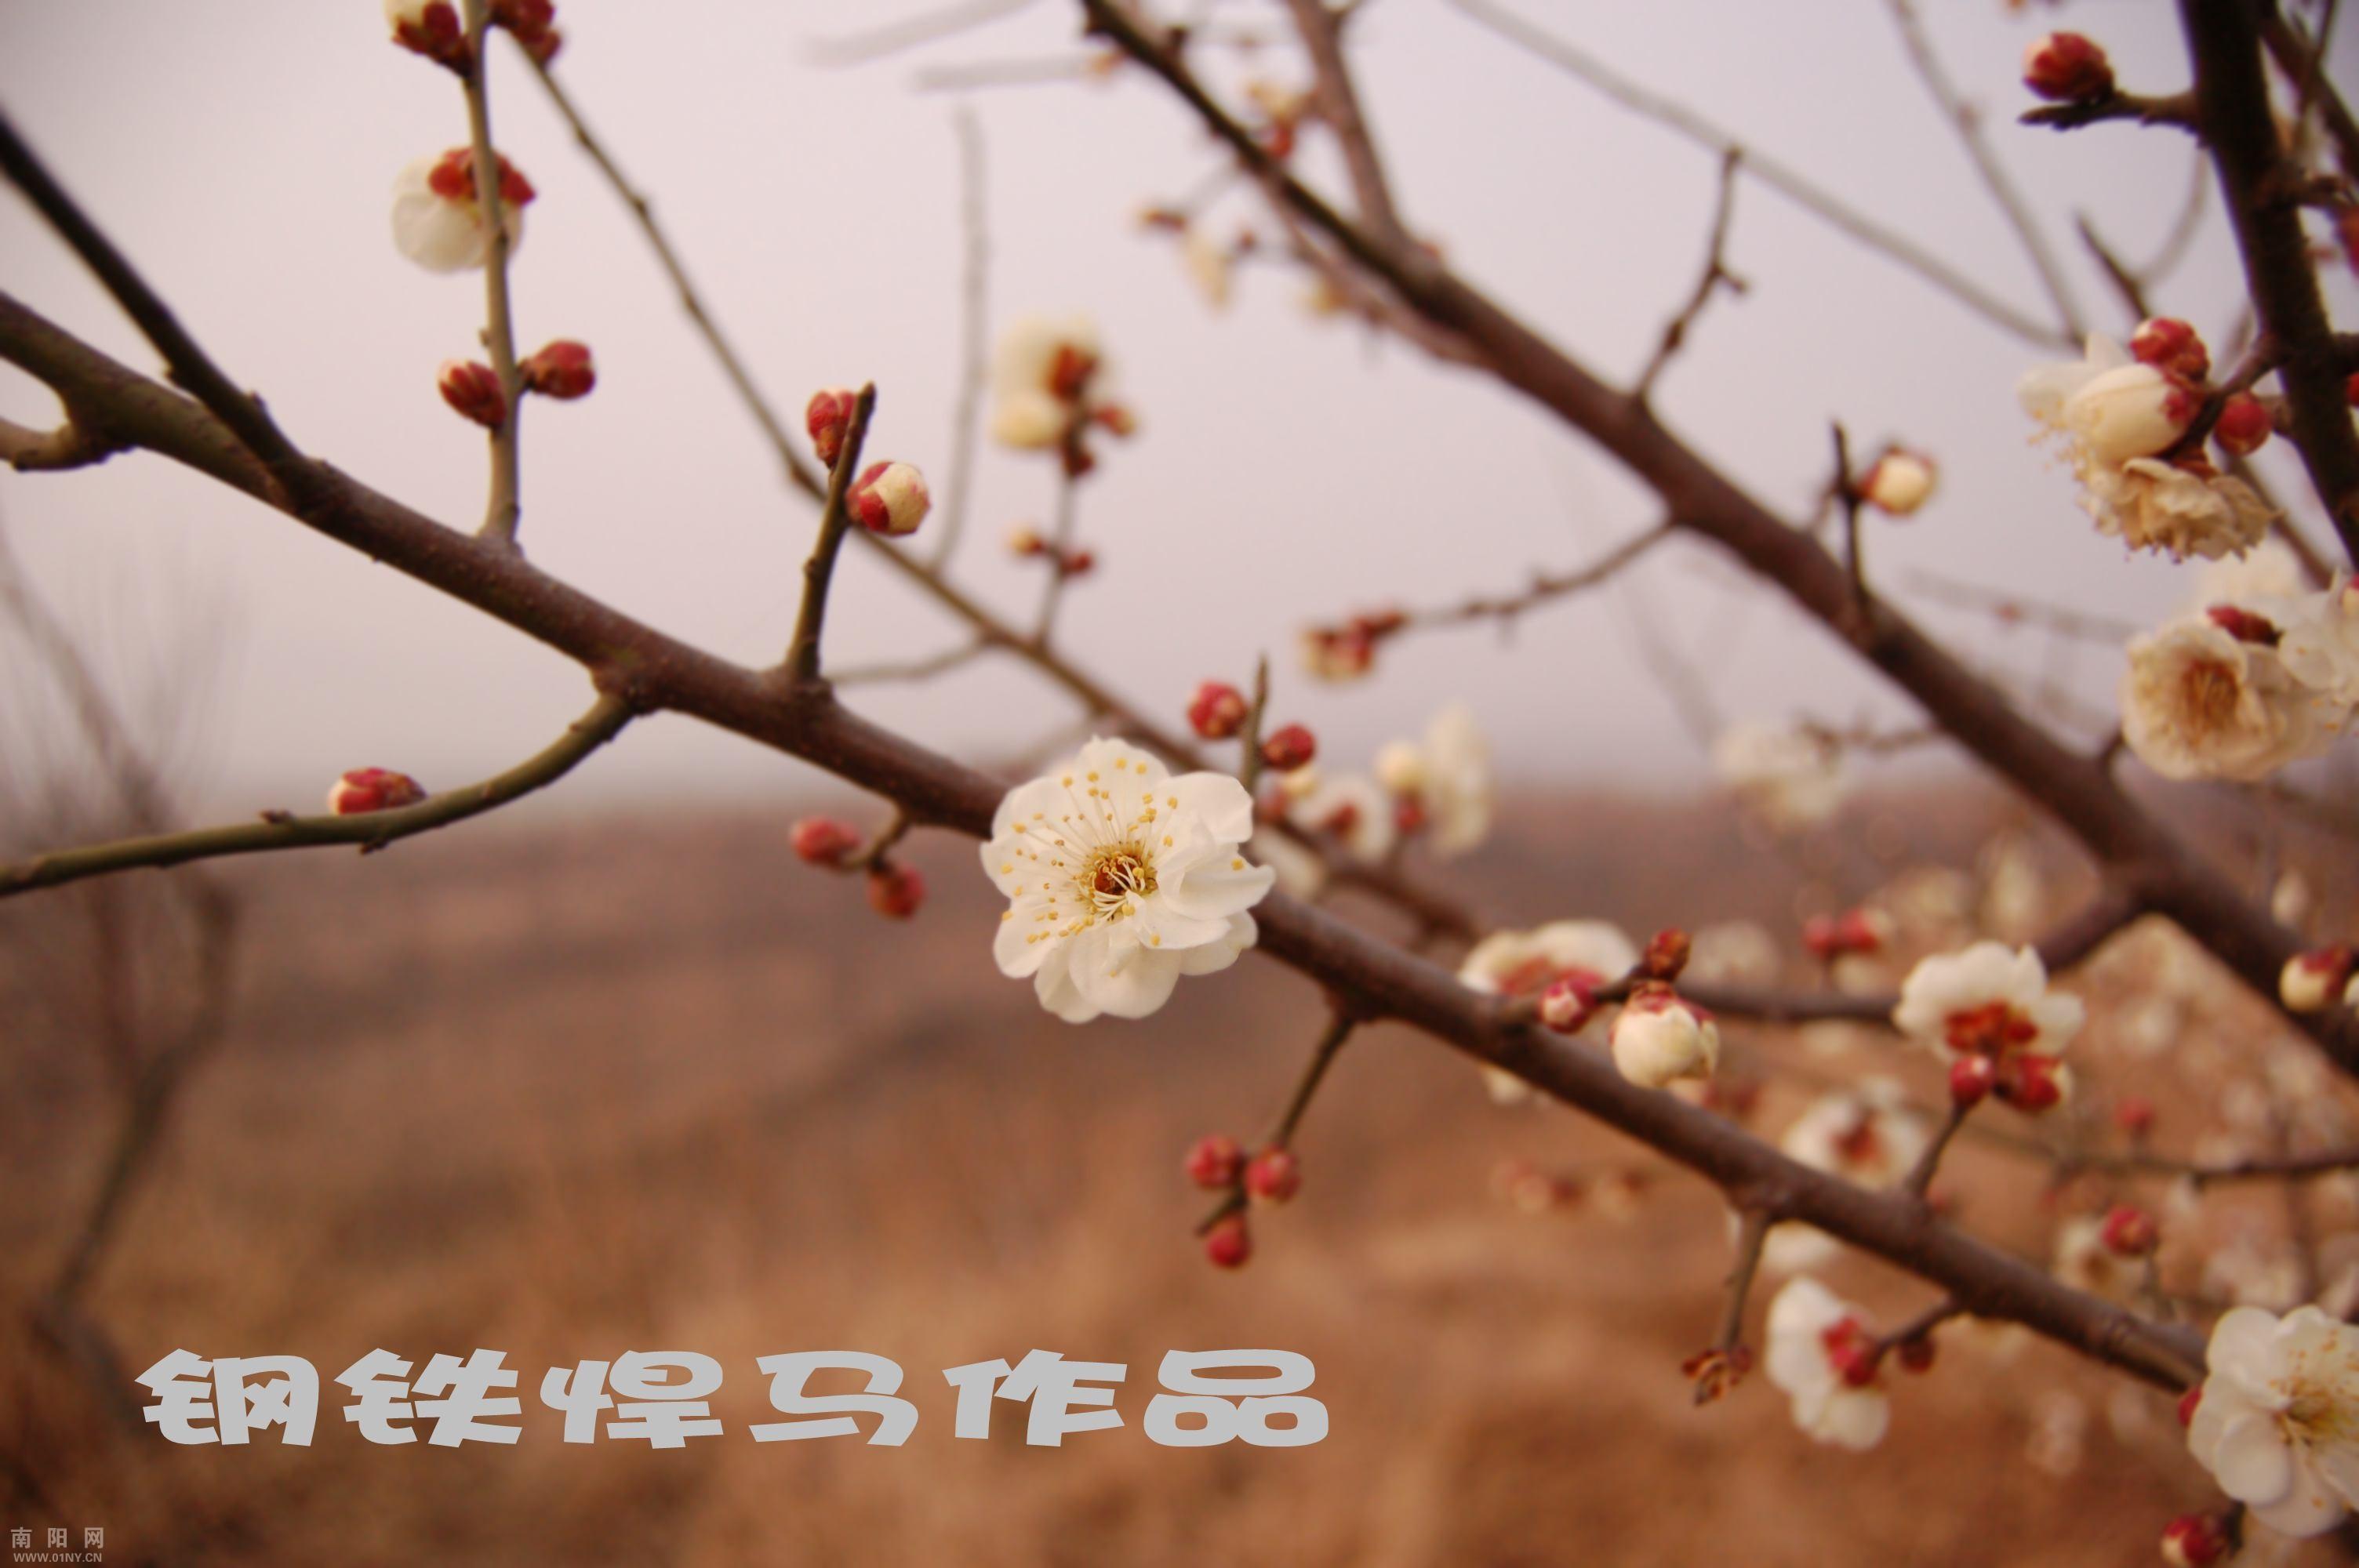 初学乍道拍梅花 花卉草木 36行社区 bbs.01ny.cn -初学乍道拍梅花